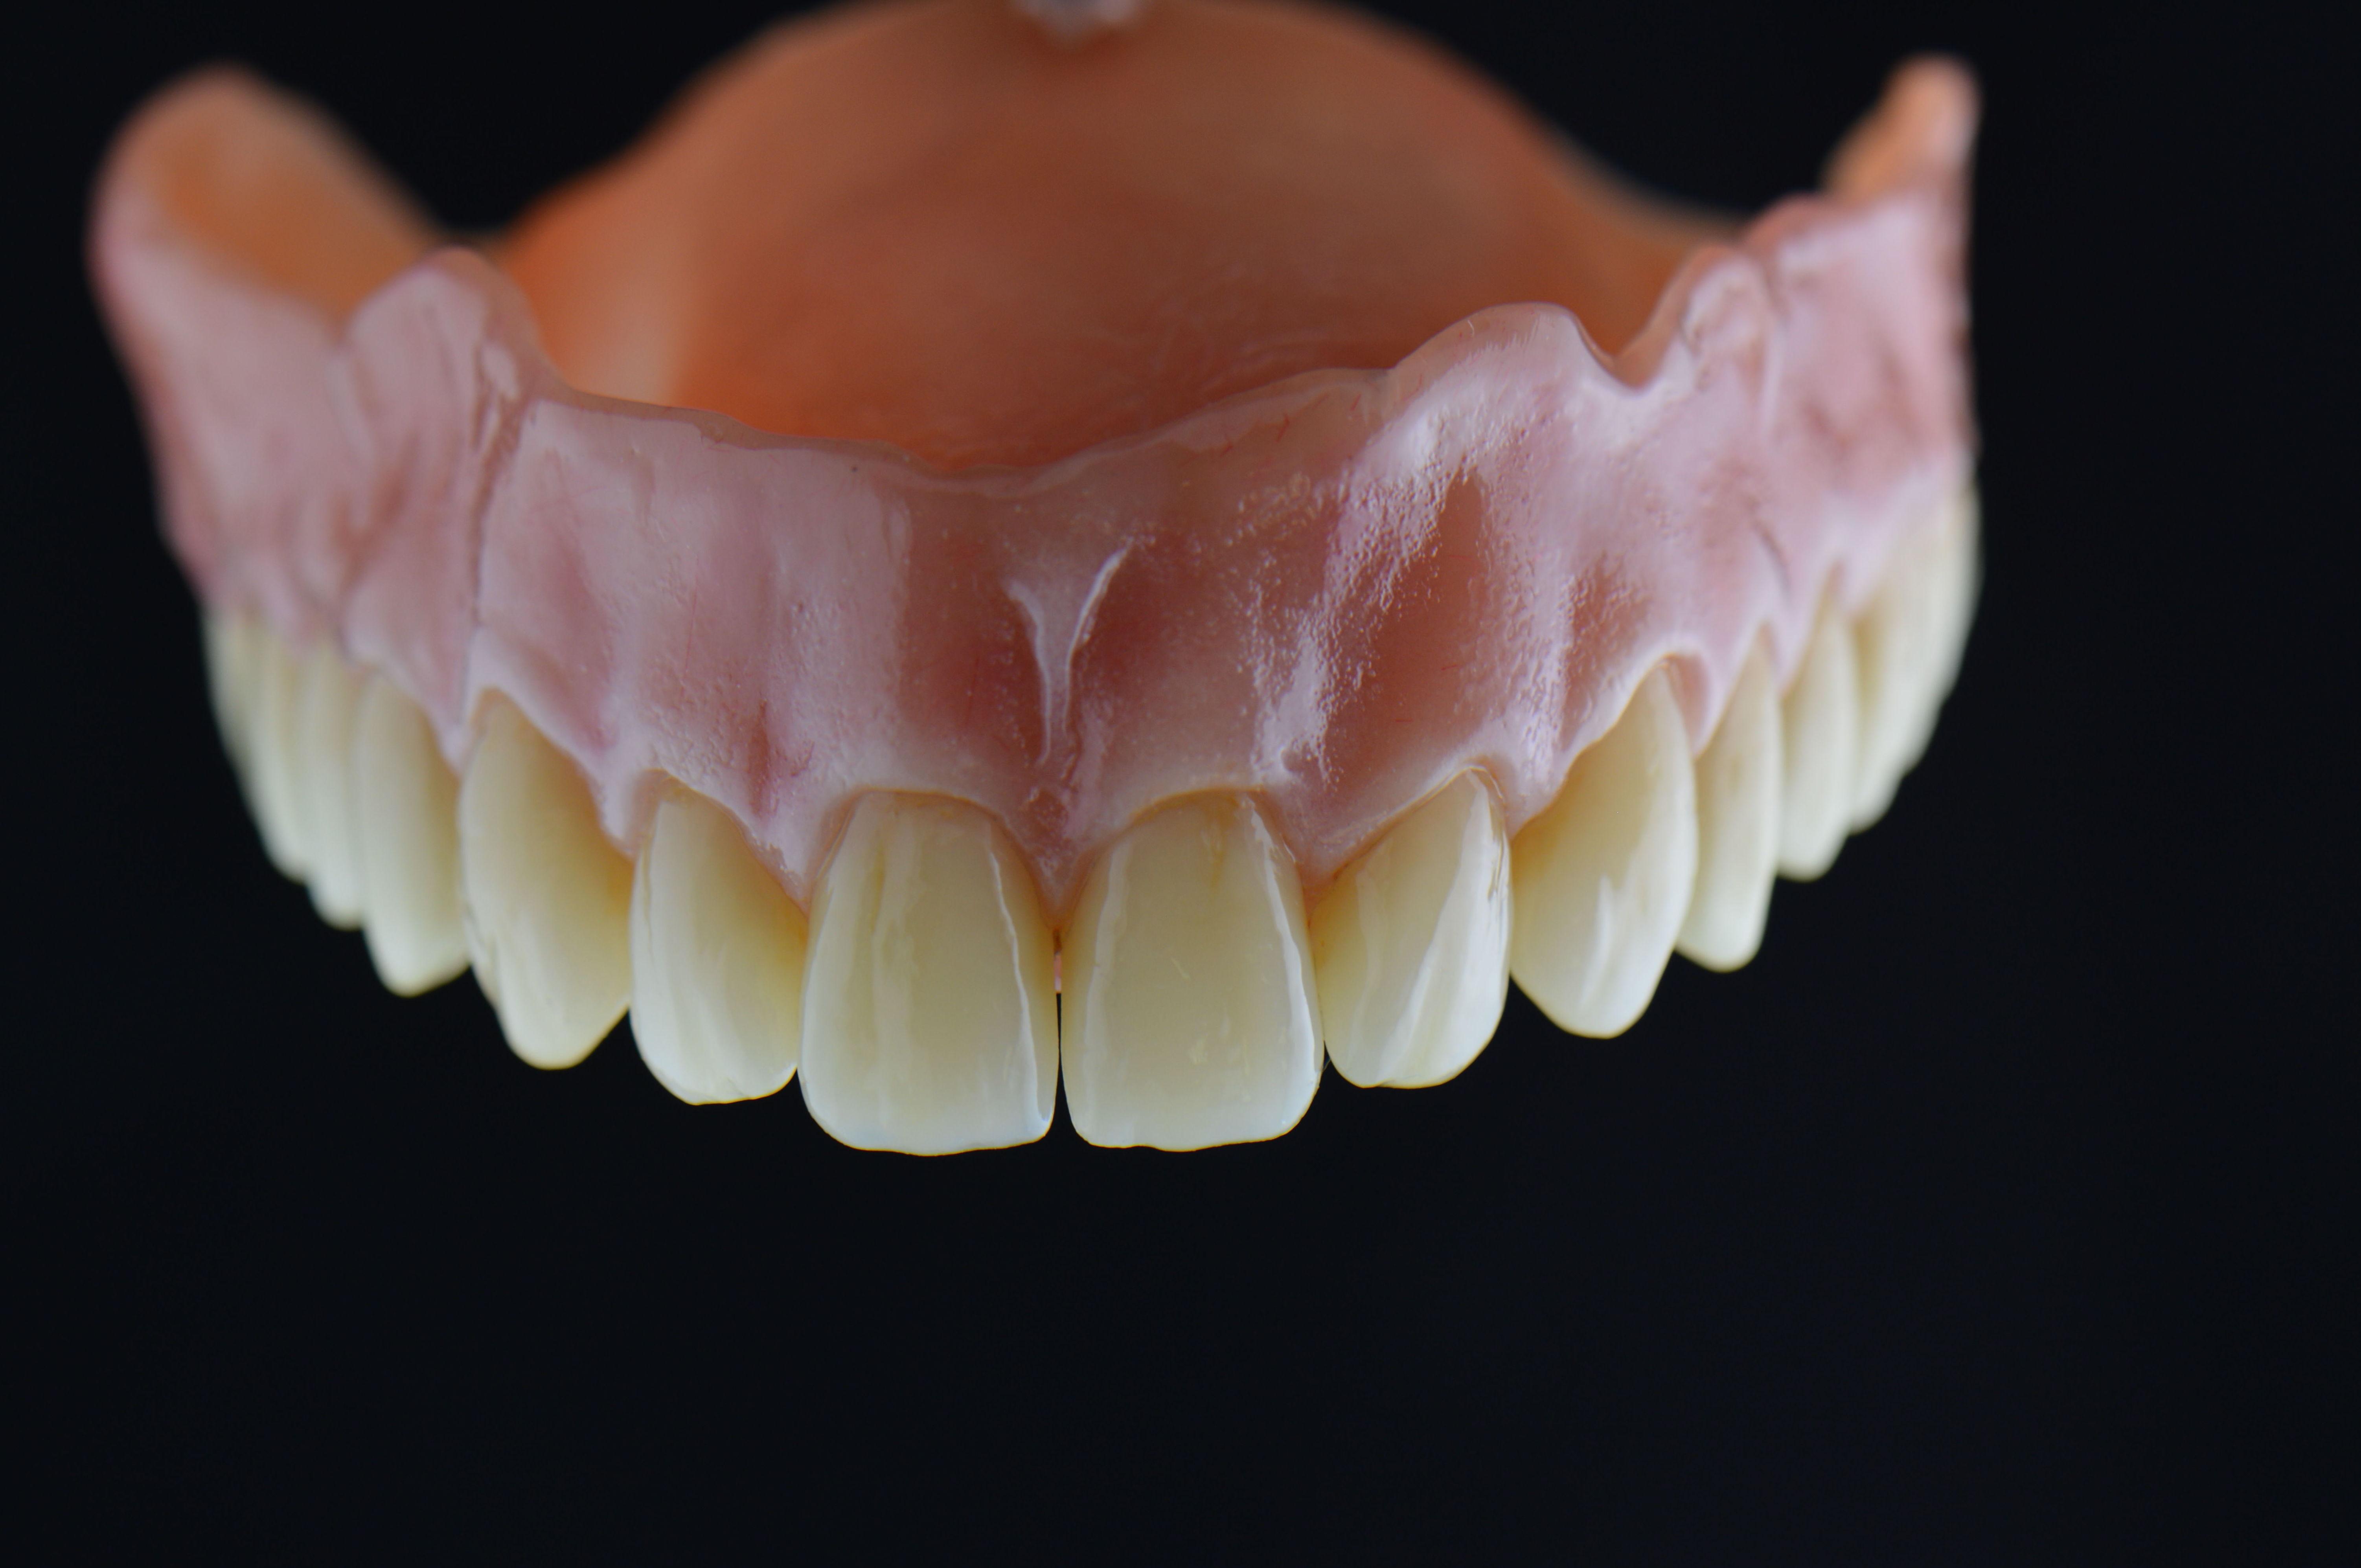 Foto 4 de Protésicos dentales en Santiago de Compostela | Tecnolab Dental Galicia